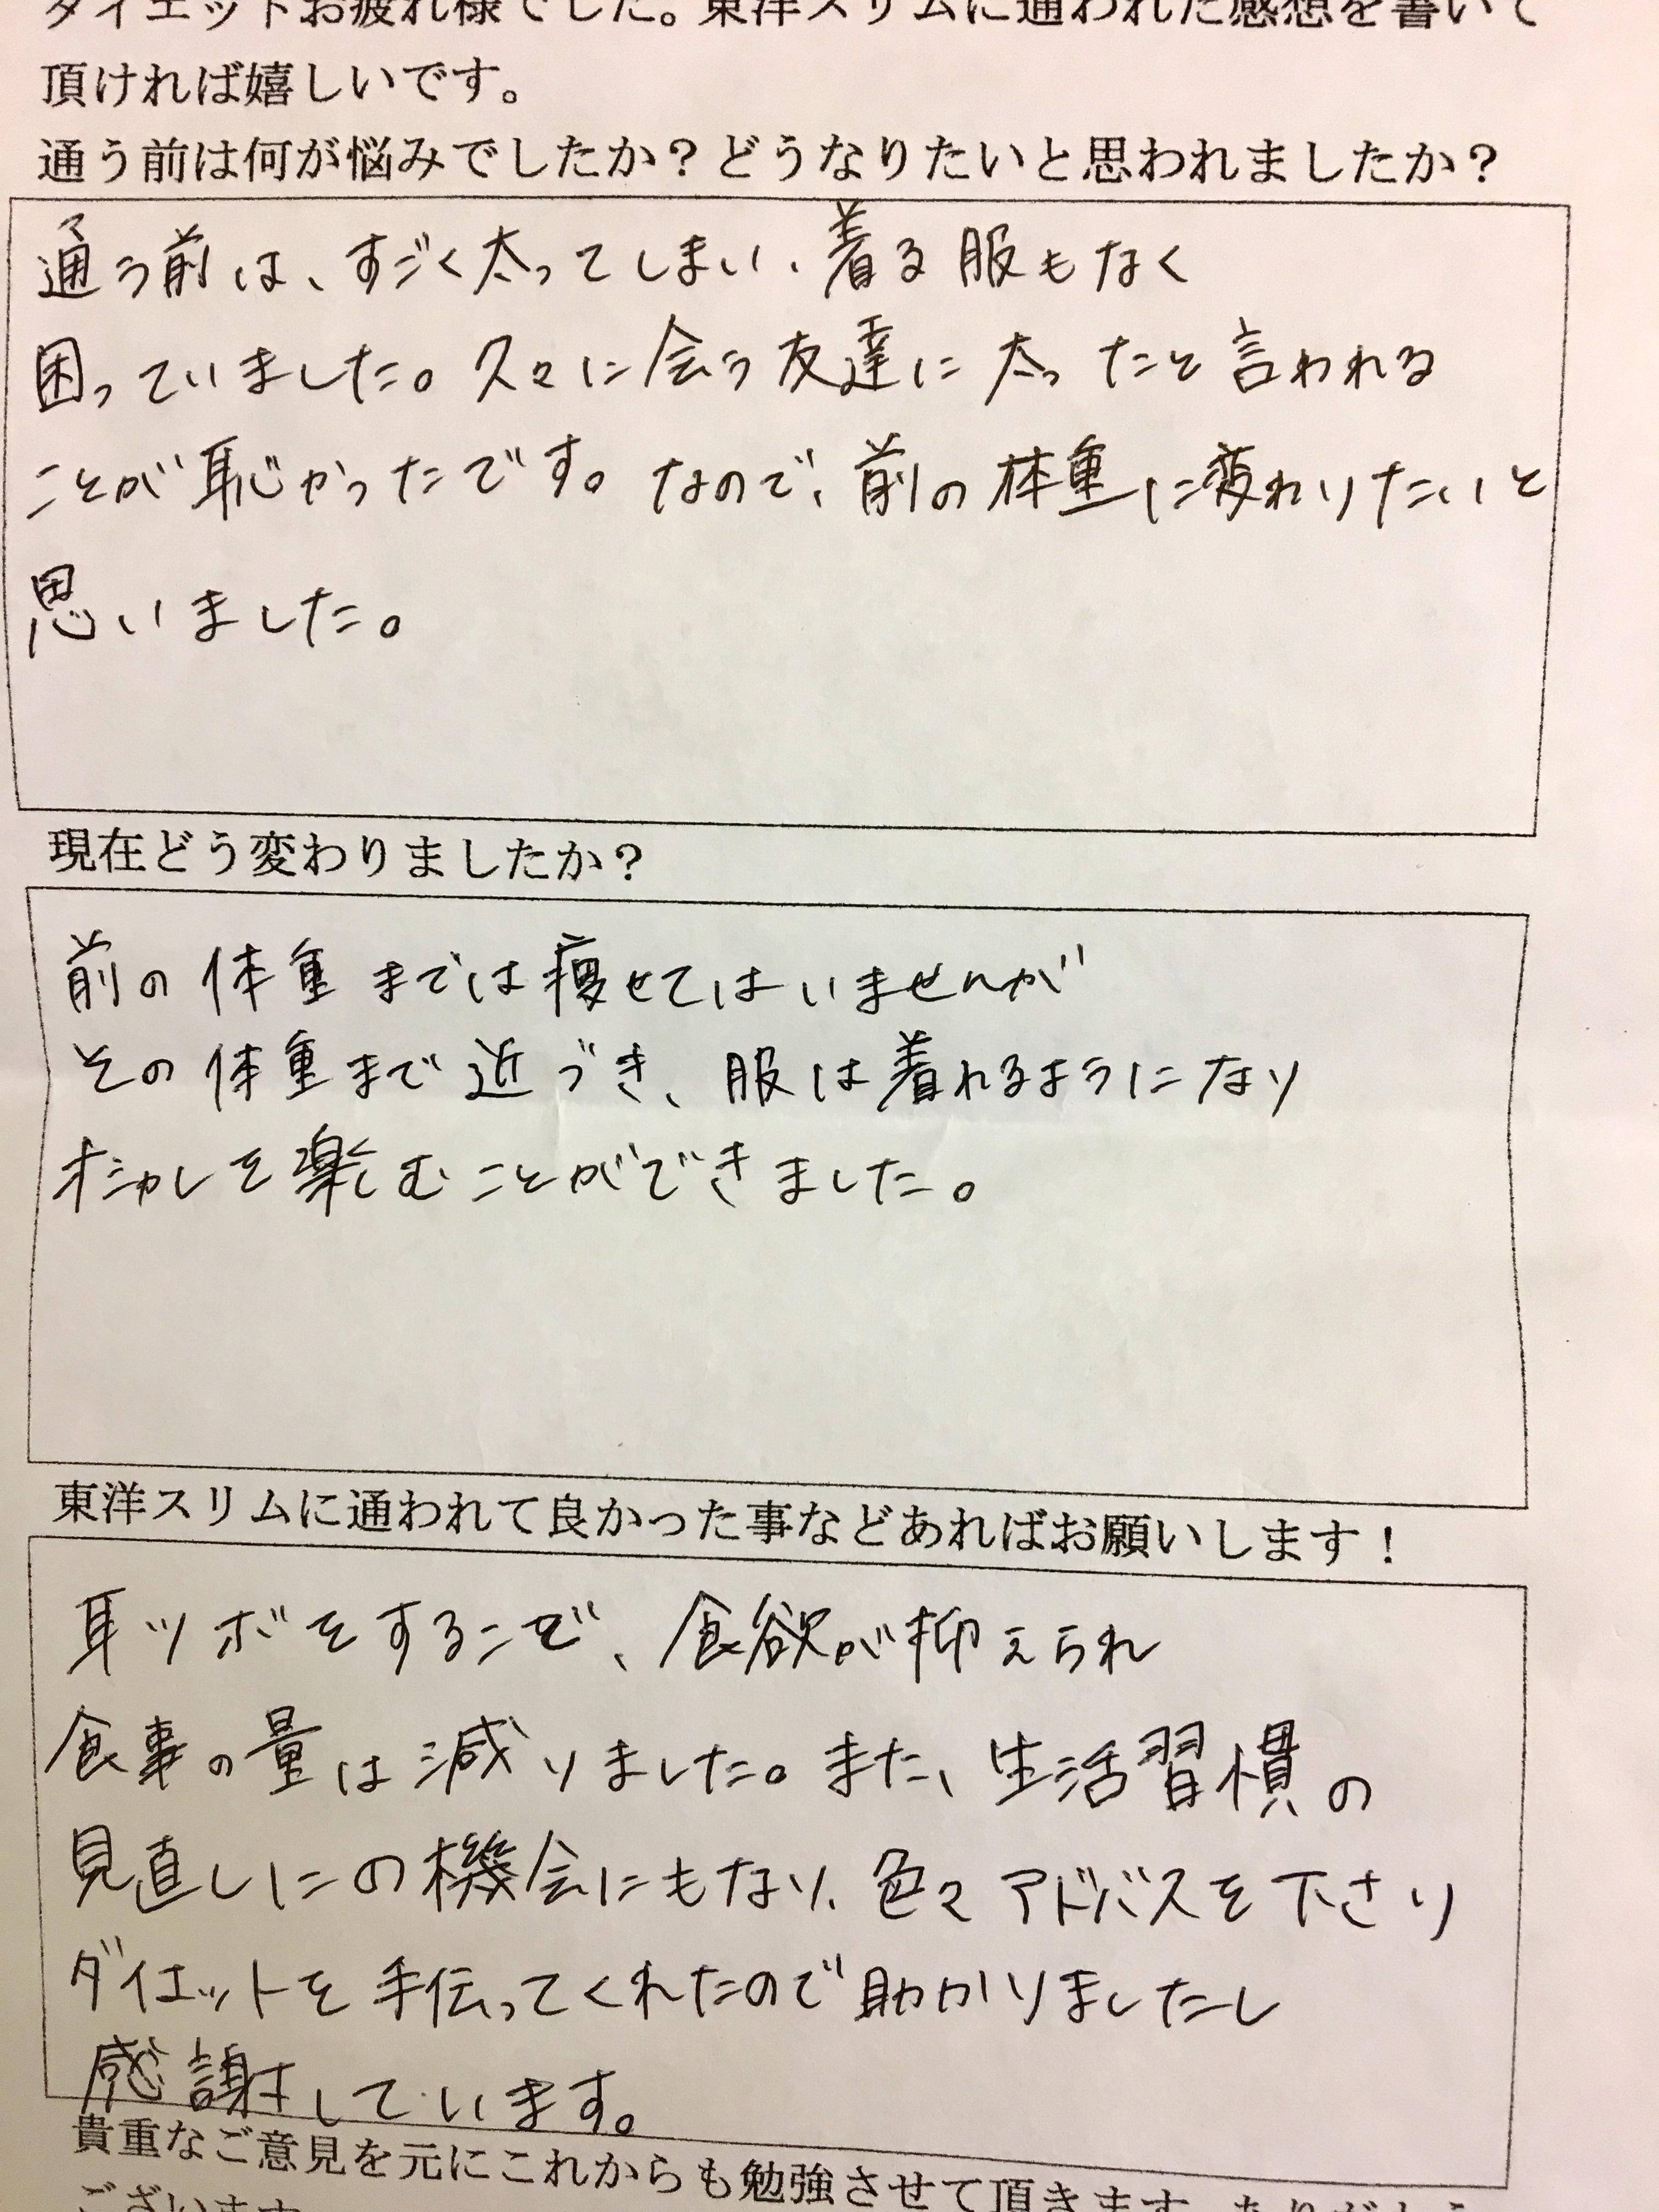 大阪府羽曳野市Tさん21才耳ツボ痩身法で7kgダイエット成功